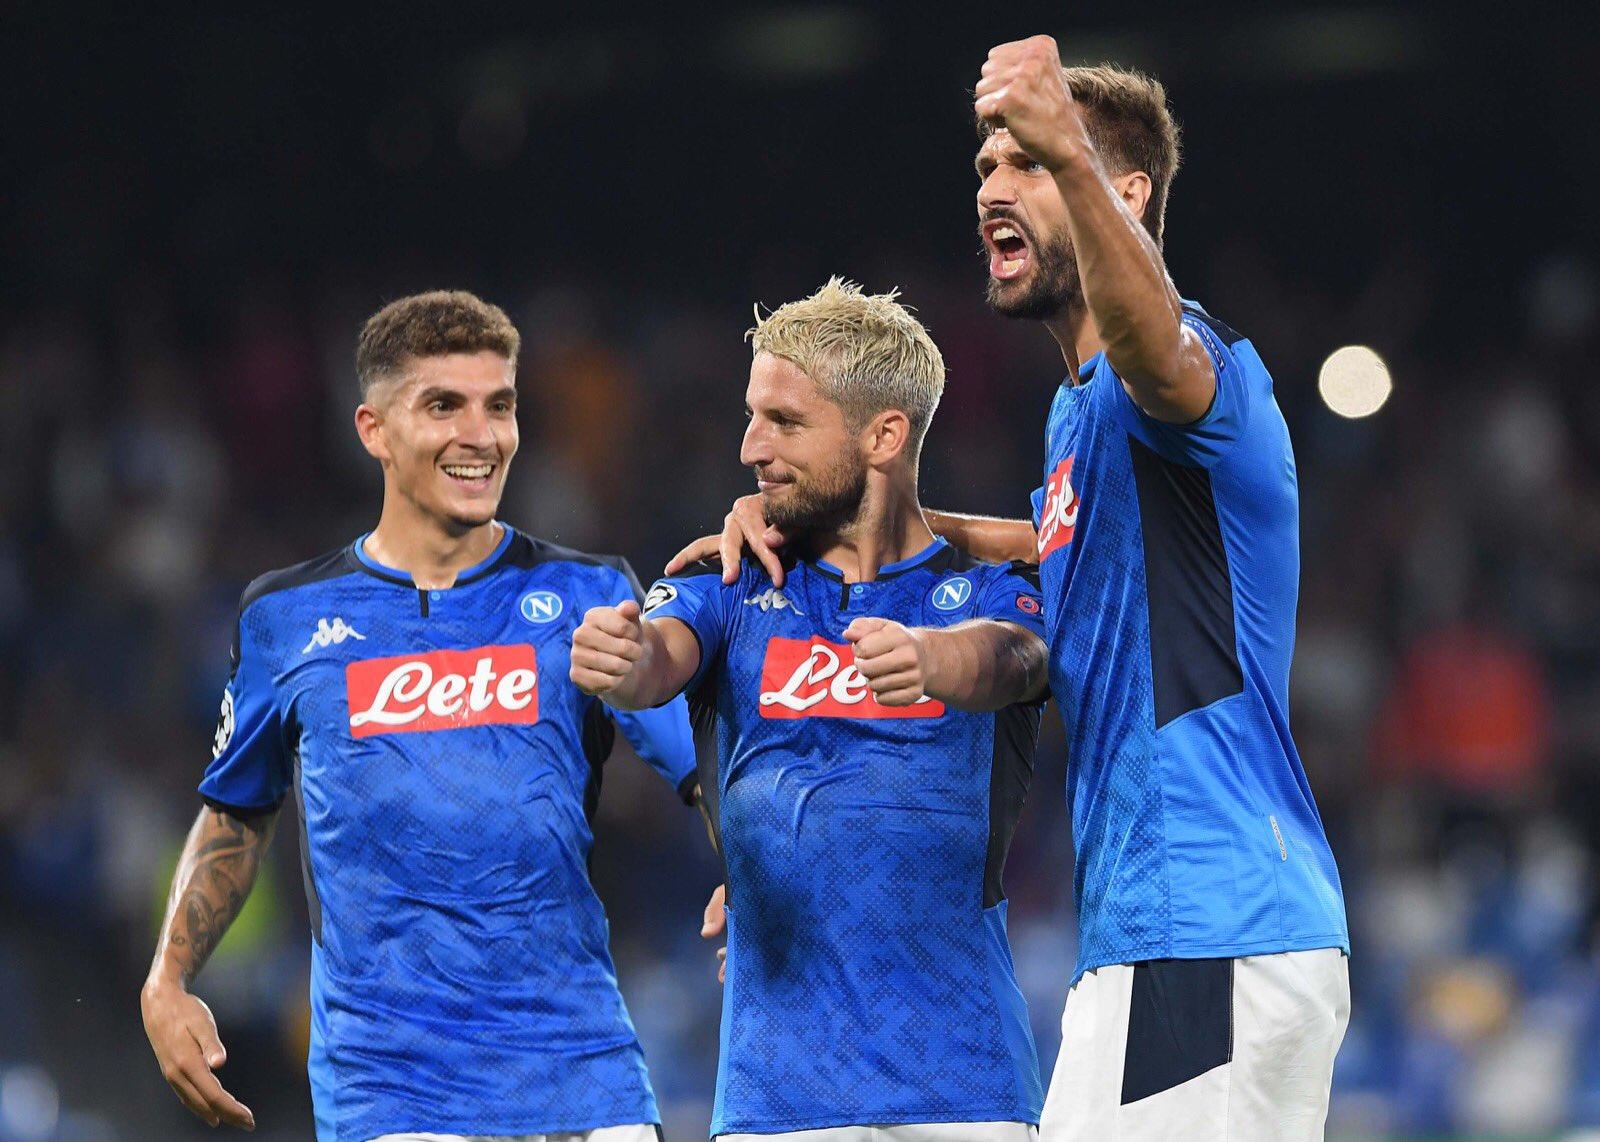 Il Napoli è diventato grande. Non solo perché ha battuto il Liverpool ma per come ha saputo soffrire